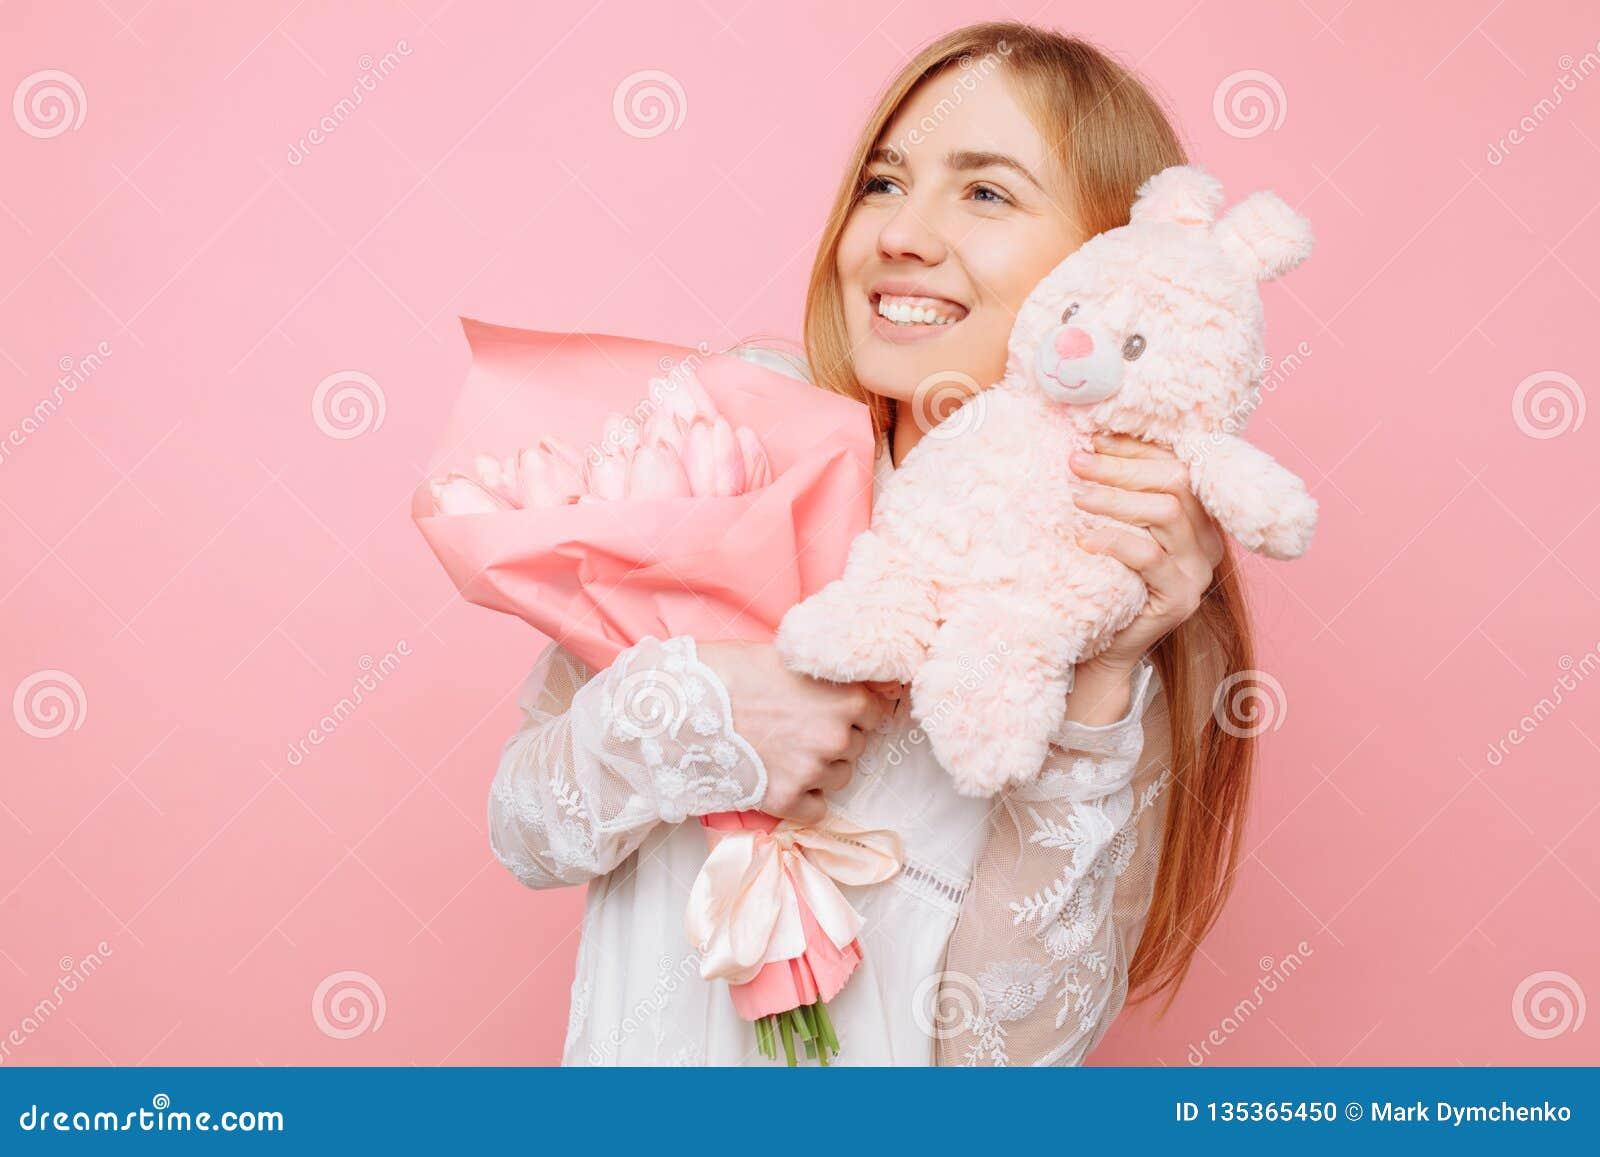 Piękna dziewczyna trzyma miś pluszowy zając i bukieta tulipany w jej rękach na różowym tle, to walentynki dni